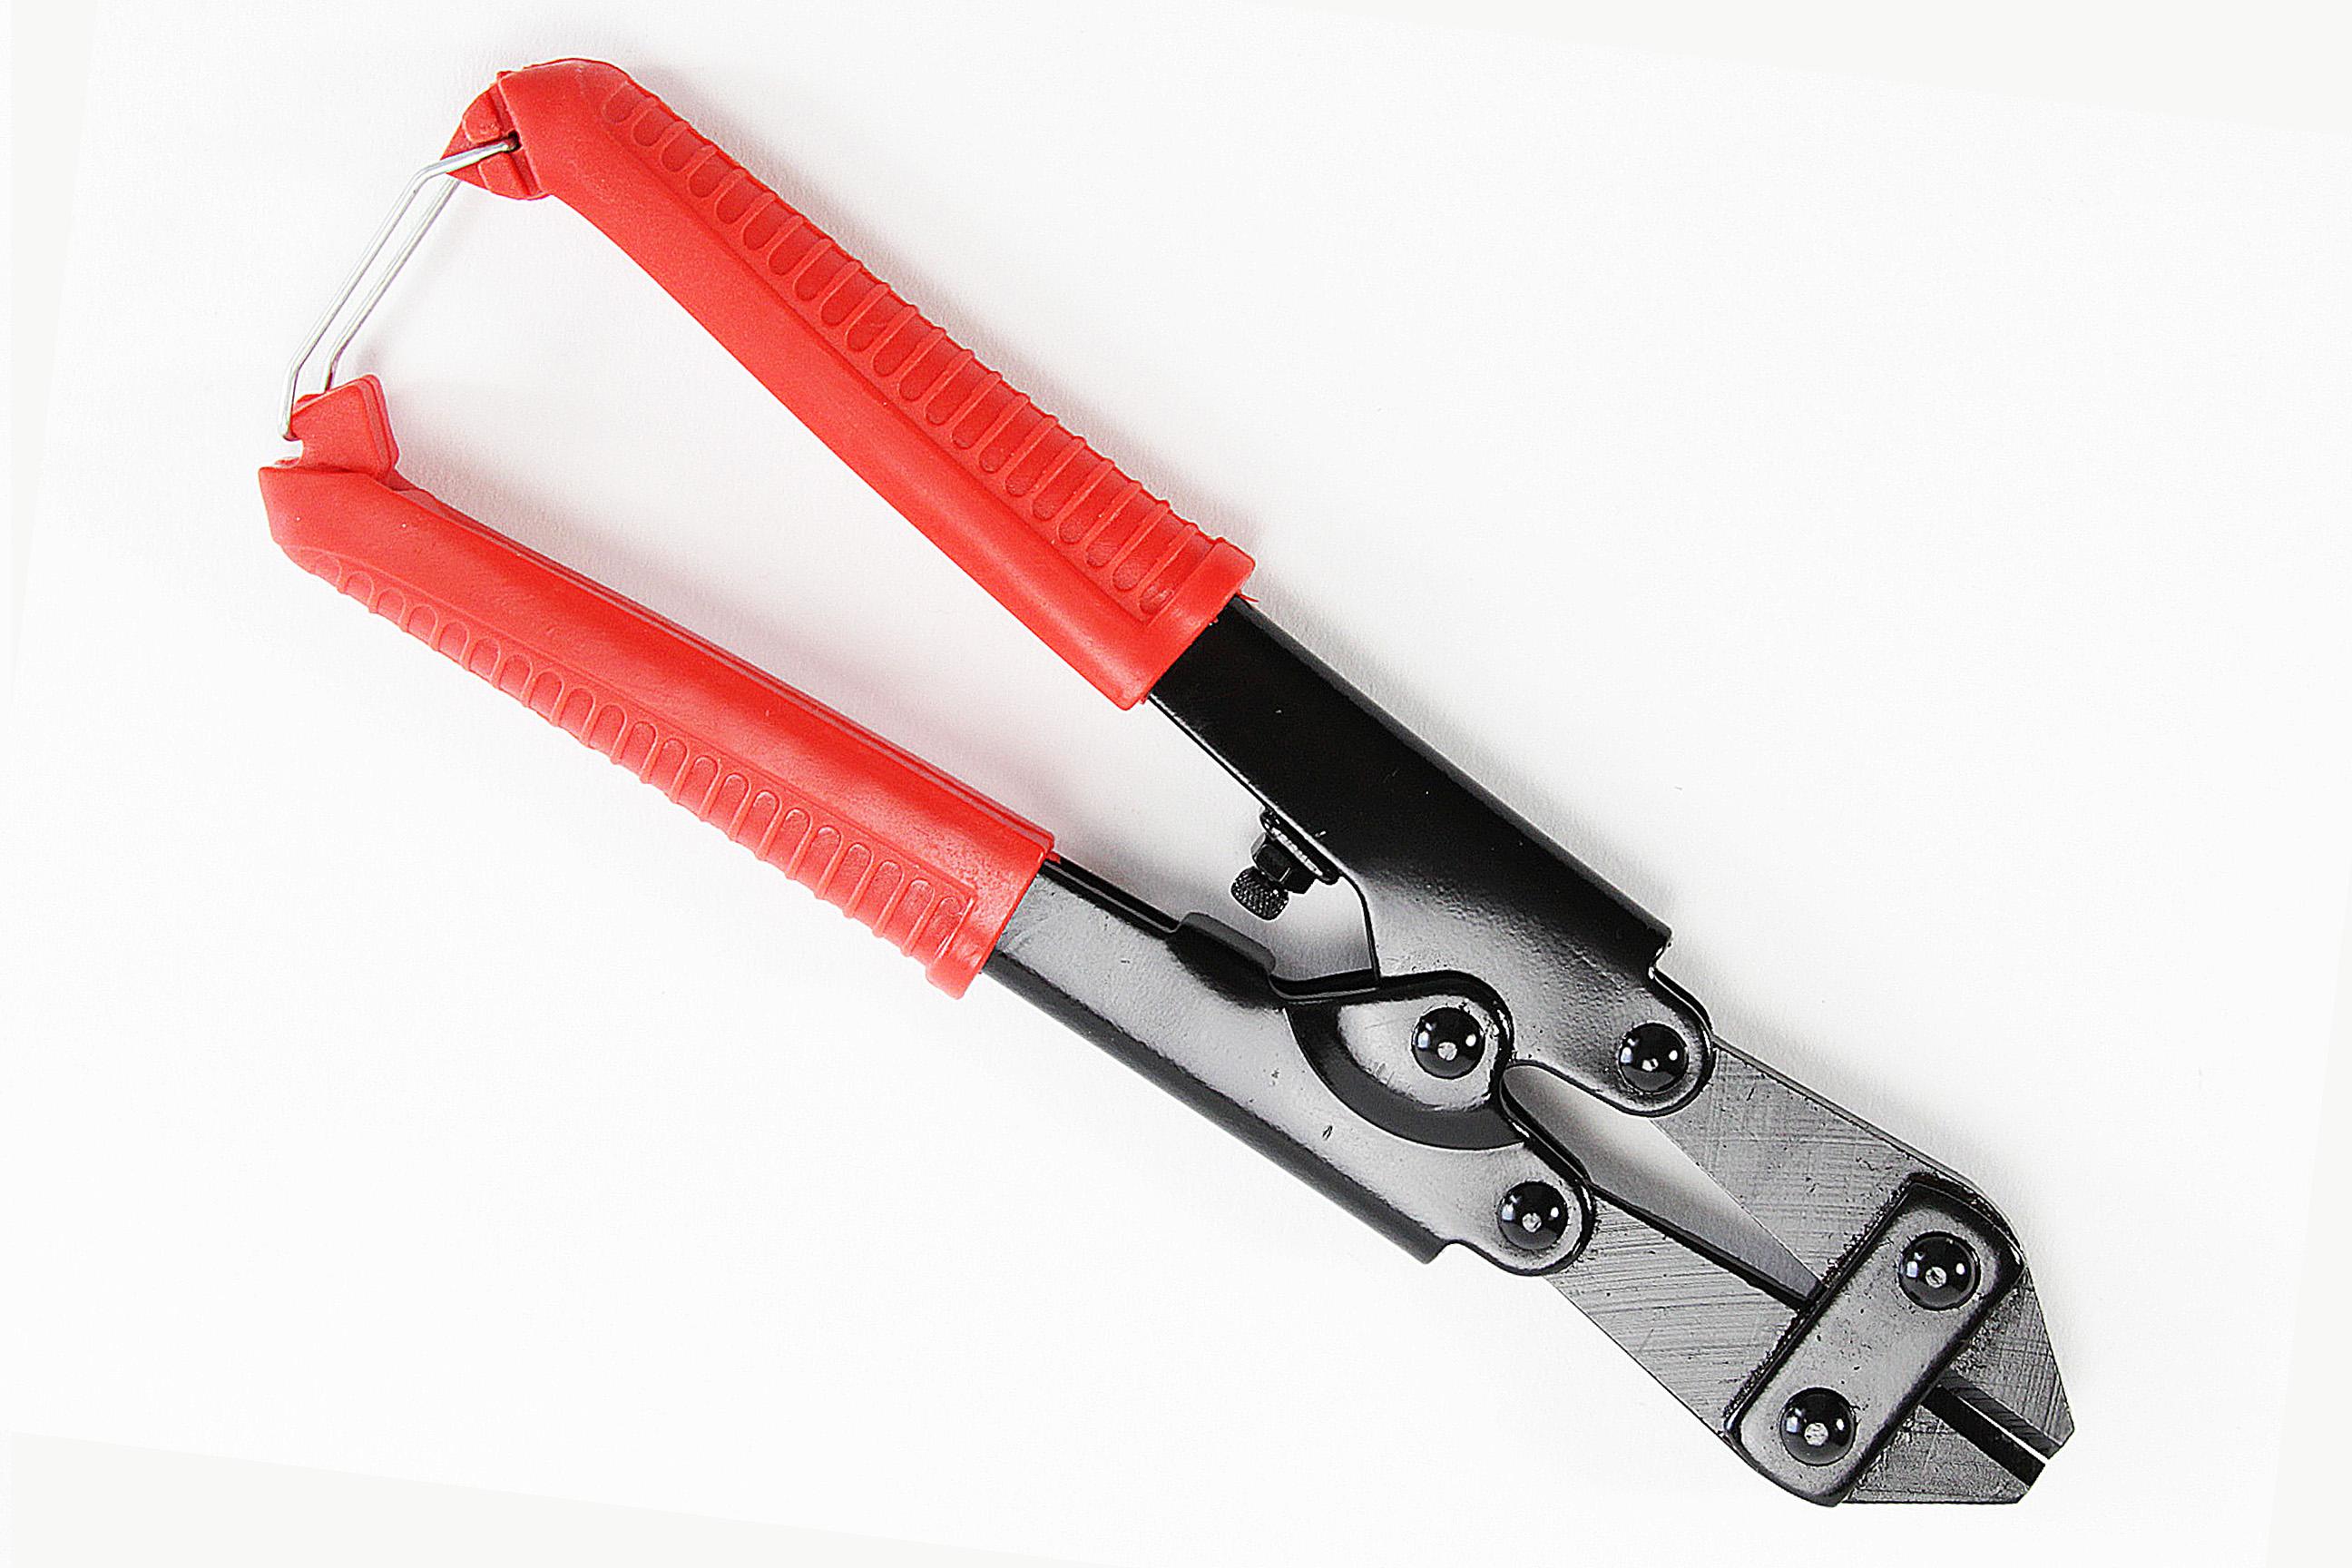 190mm Steel Elektronik Seitenschneider Mini Kleine Mikroschere Zange